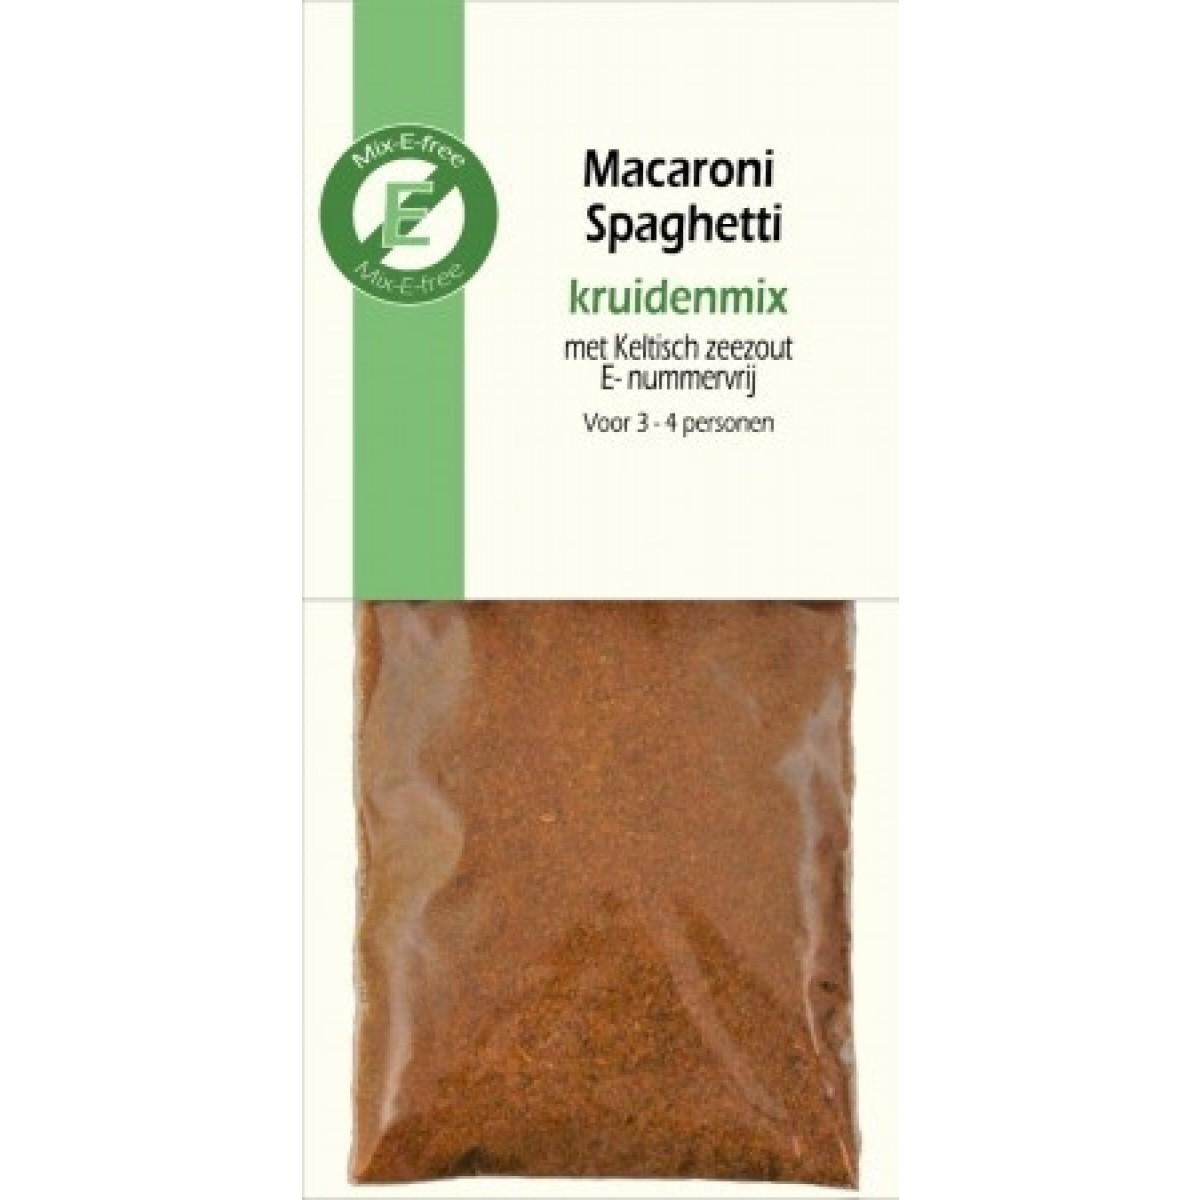 Kruidenmix Macaroni Spaghetti